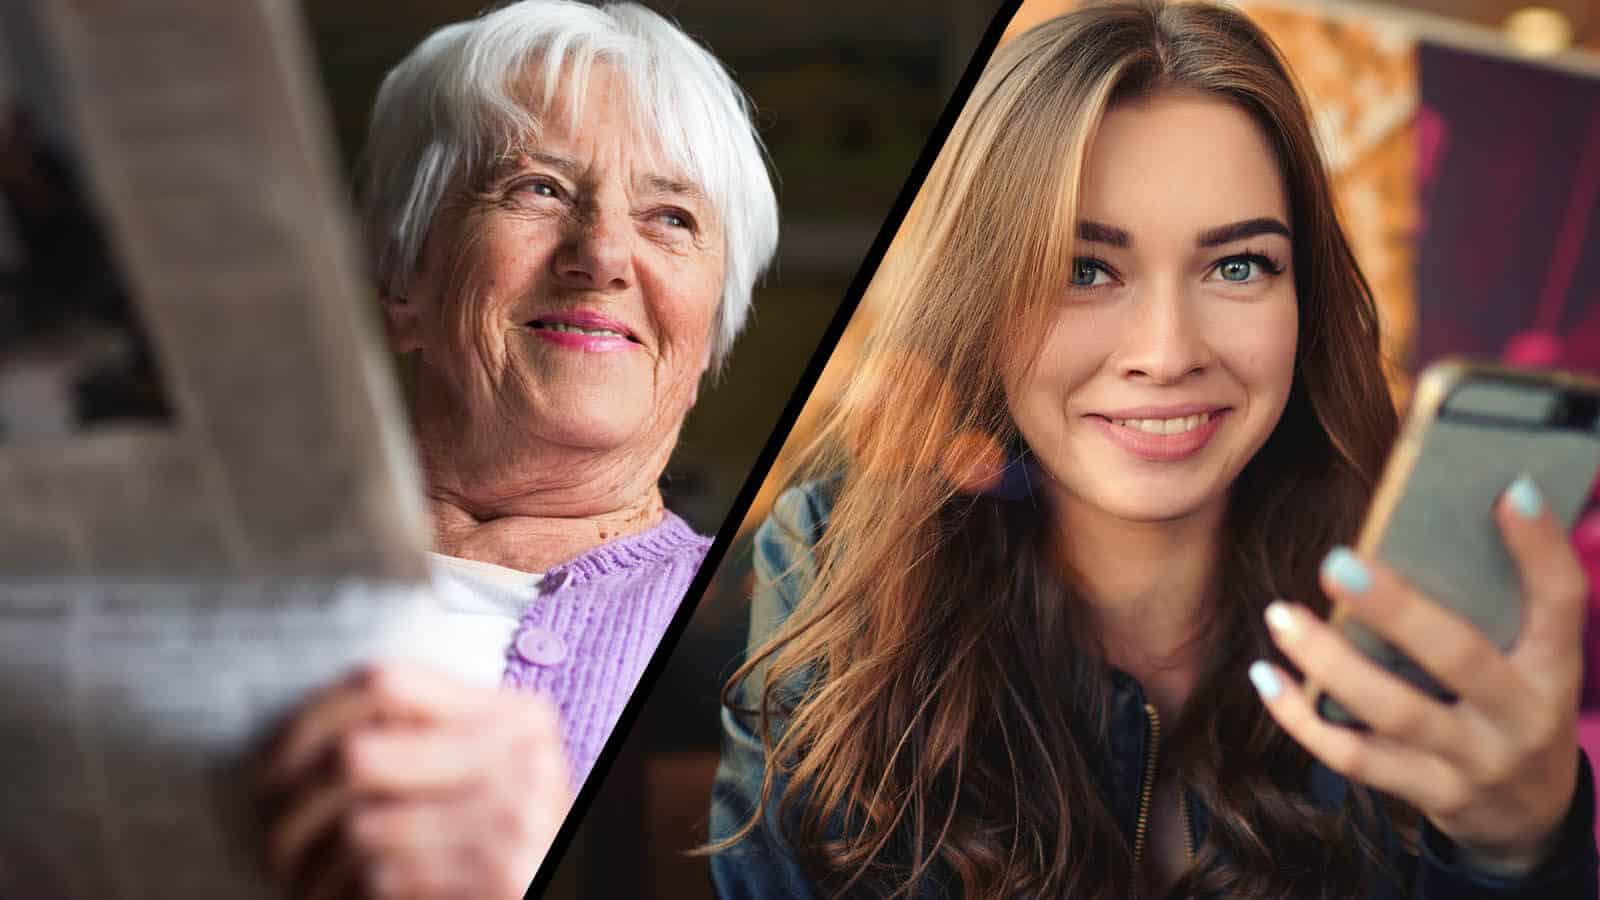 Mens eldre fortsatt får 79 prosent av sitt mediekonsum fra tradisjonelle medier, er bildet snudd på hodet for de yngre. Illustrasjon: Shutterstock/Helt Digital